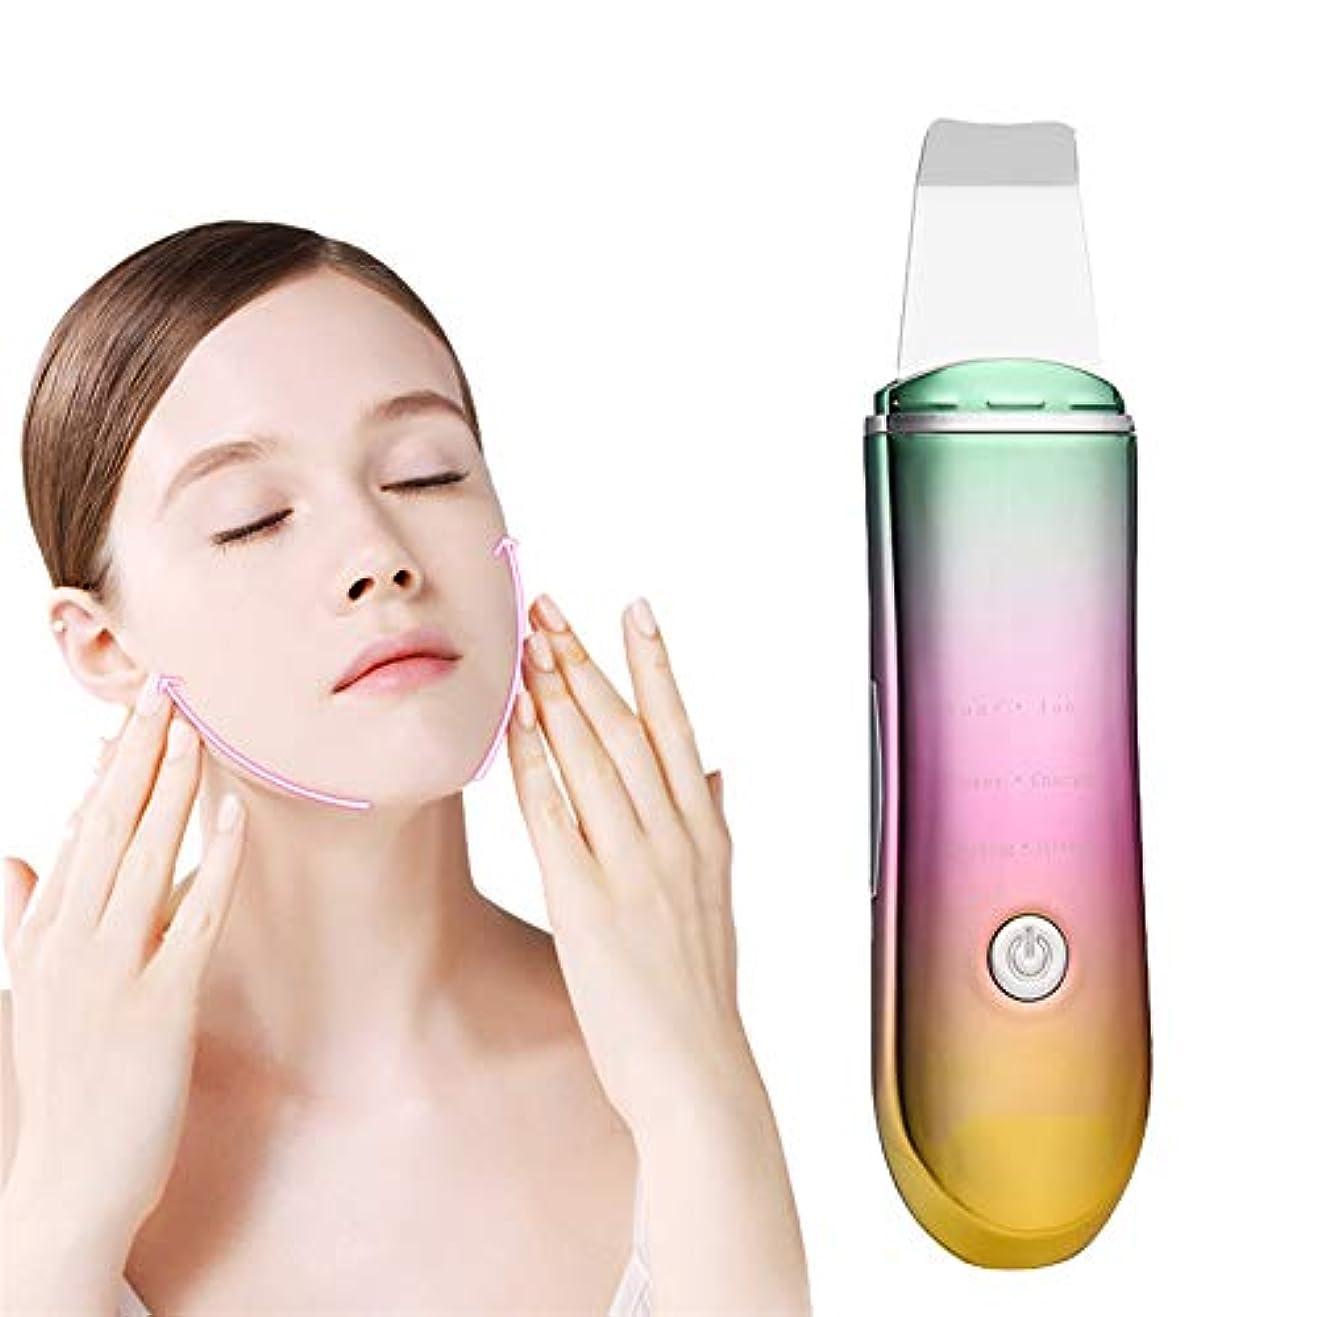 統計的息苦しいぴかぴか顔の皮膚クリーナー、充電式振動イオンスクラバー、顔のメイクアップリムーバーは、にきびブラックヘッドクリーナーを削除するには